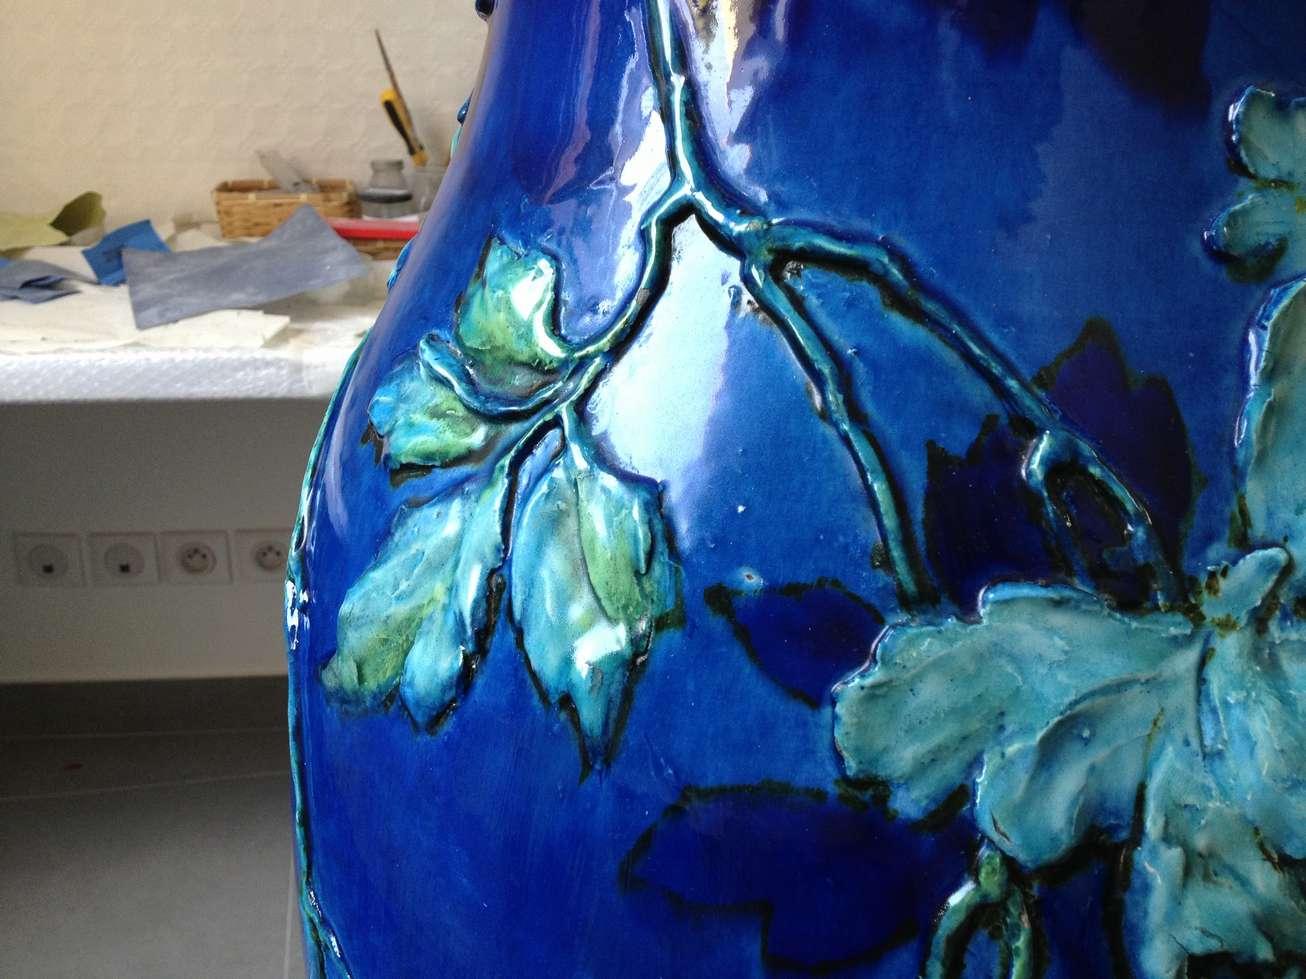 lachenal-decor-ceramique-gres-asiatique-japonisant-art-email-emaux-restaurarte.jpg